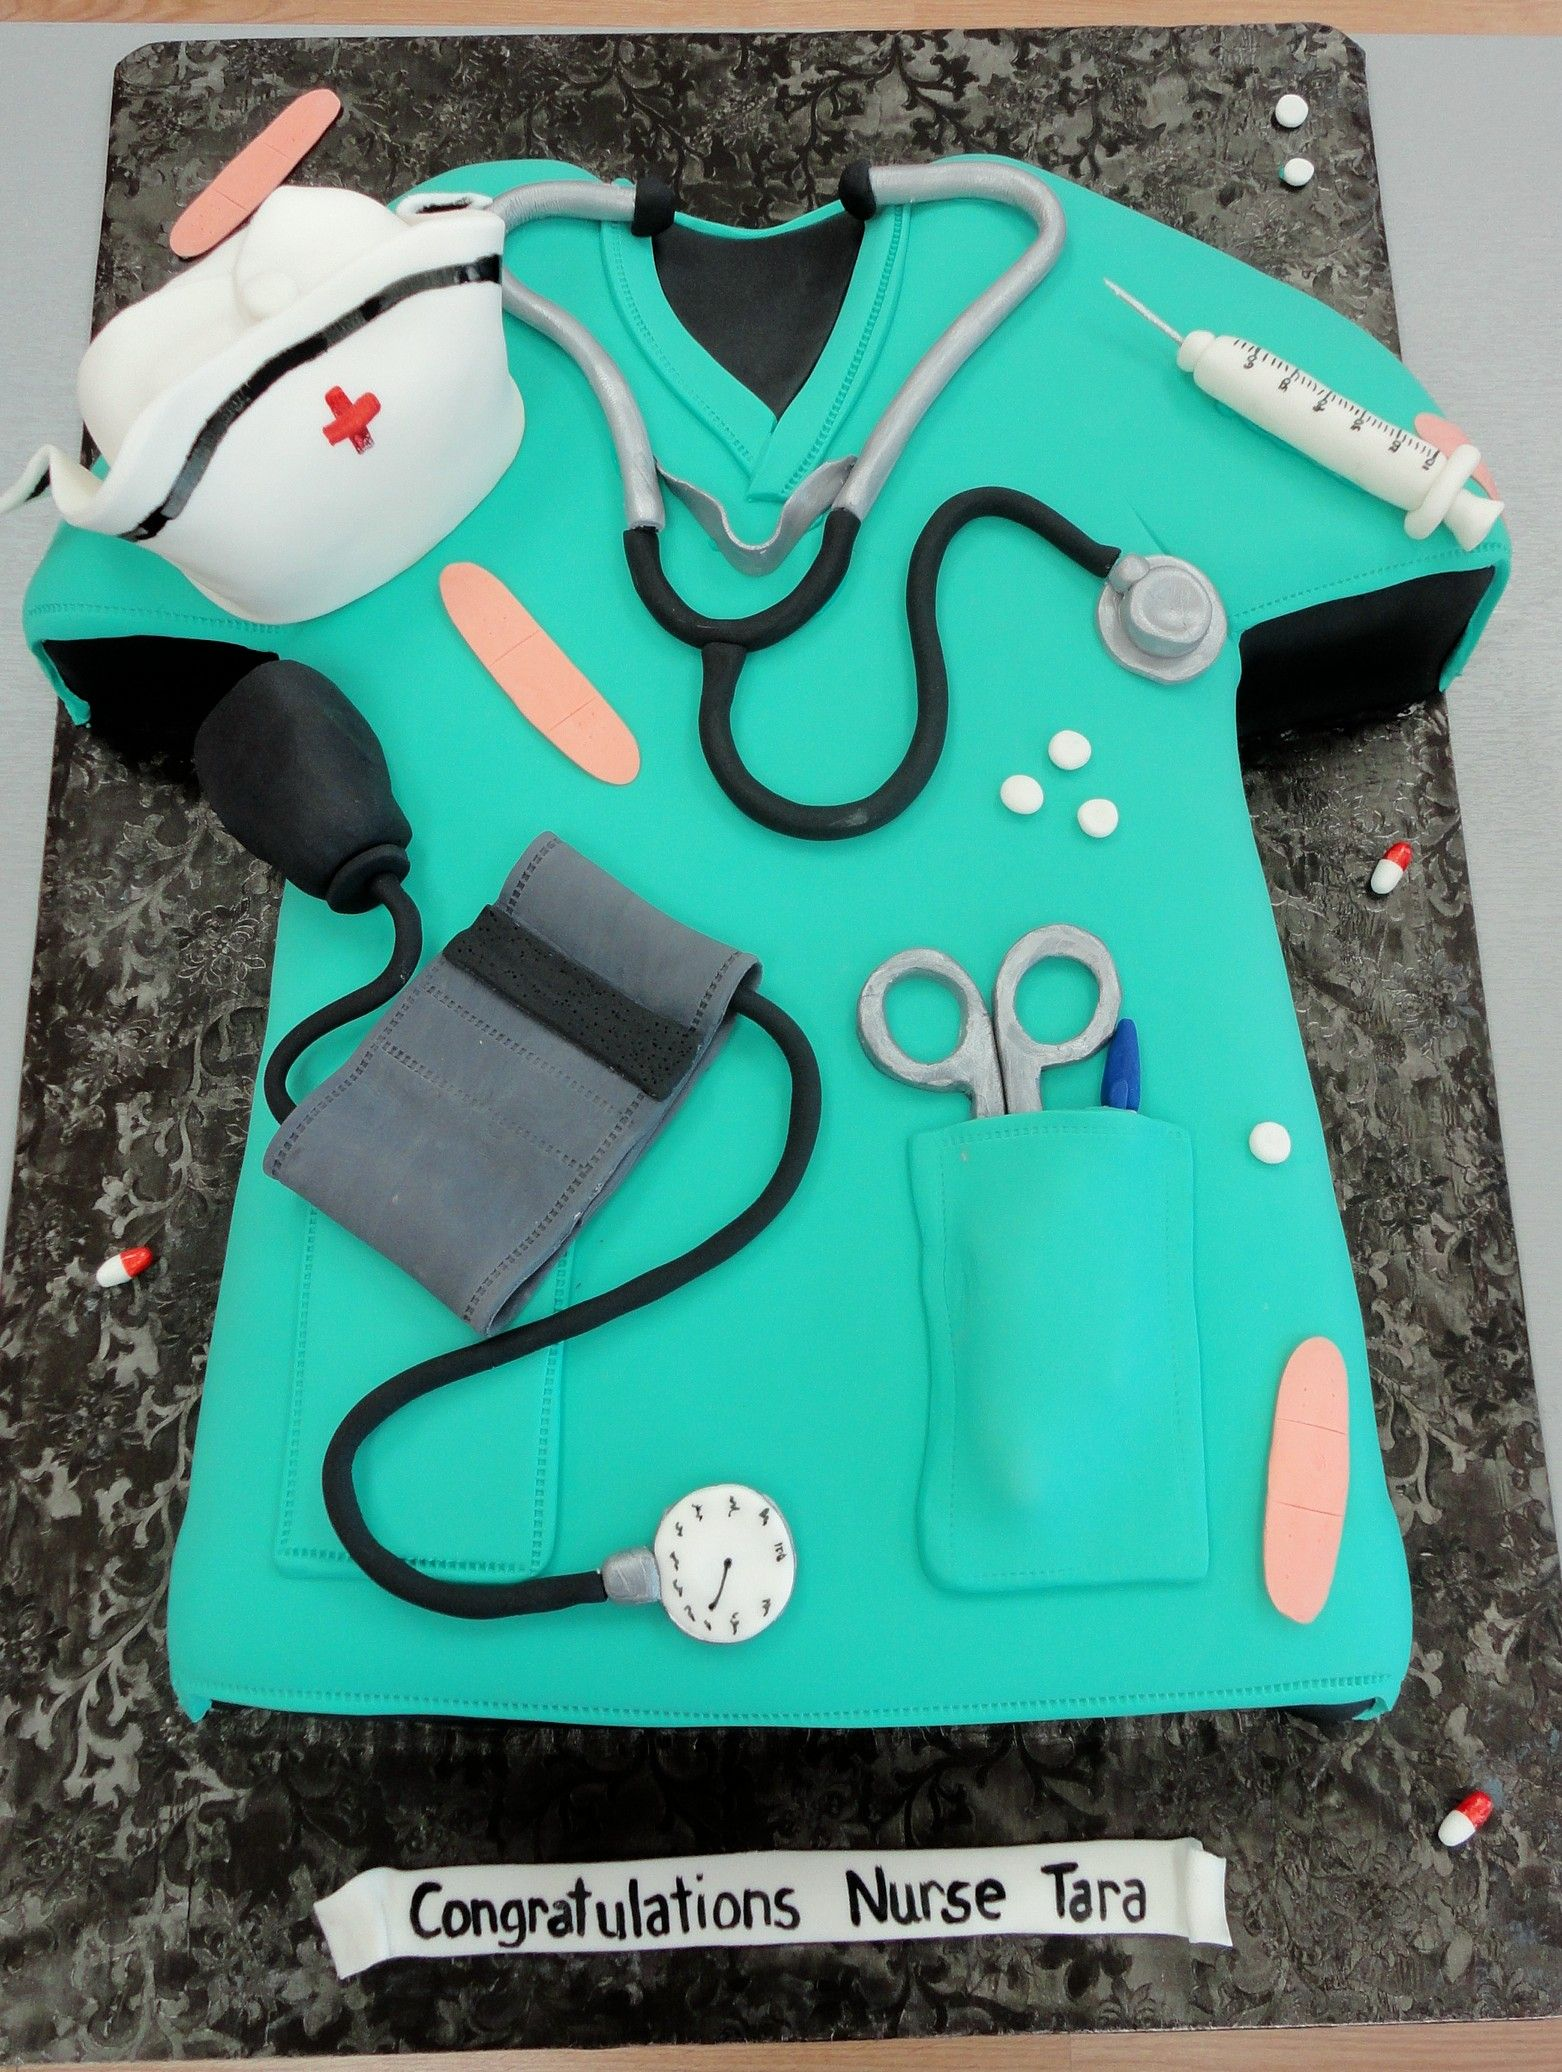 Nursing School Graduation Cake By Slice Custom Cakes Nursing